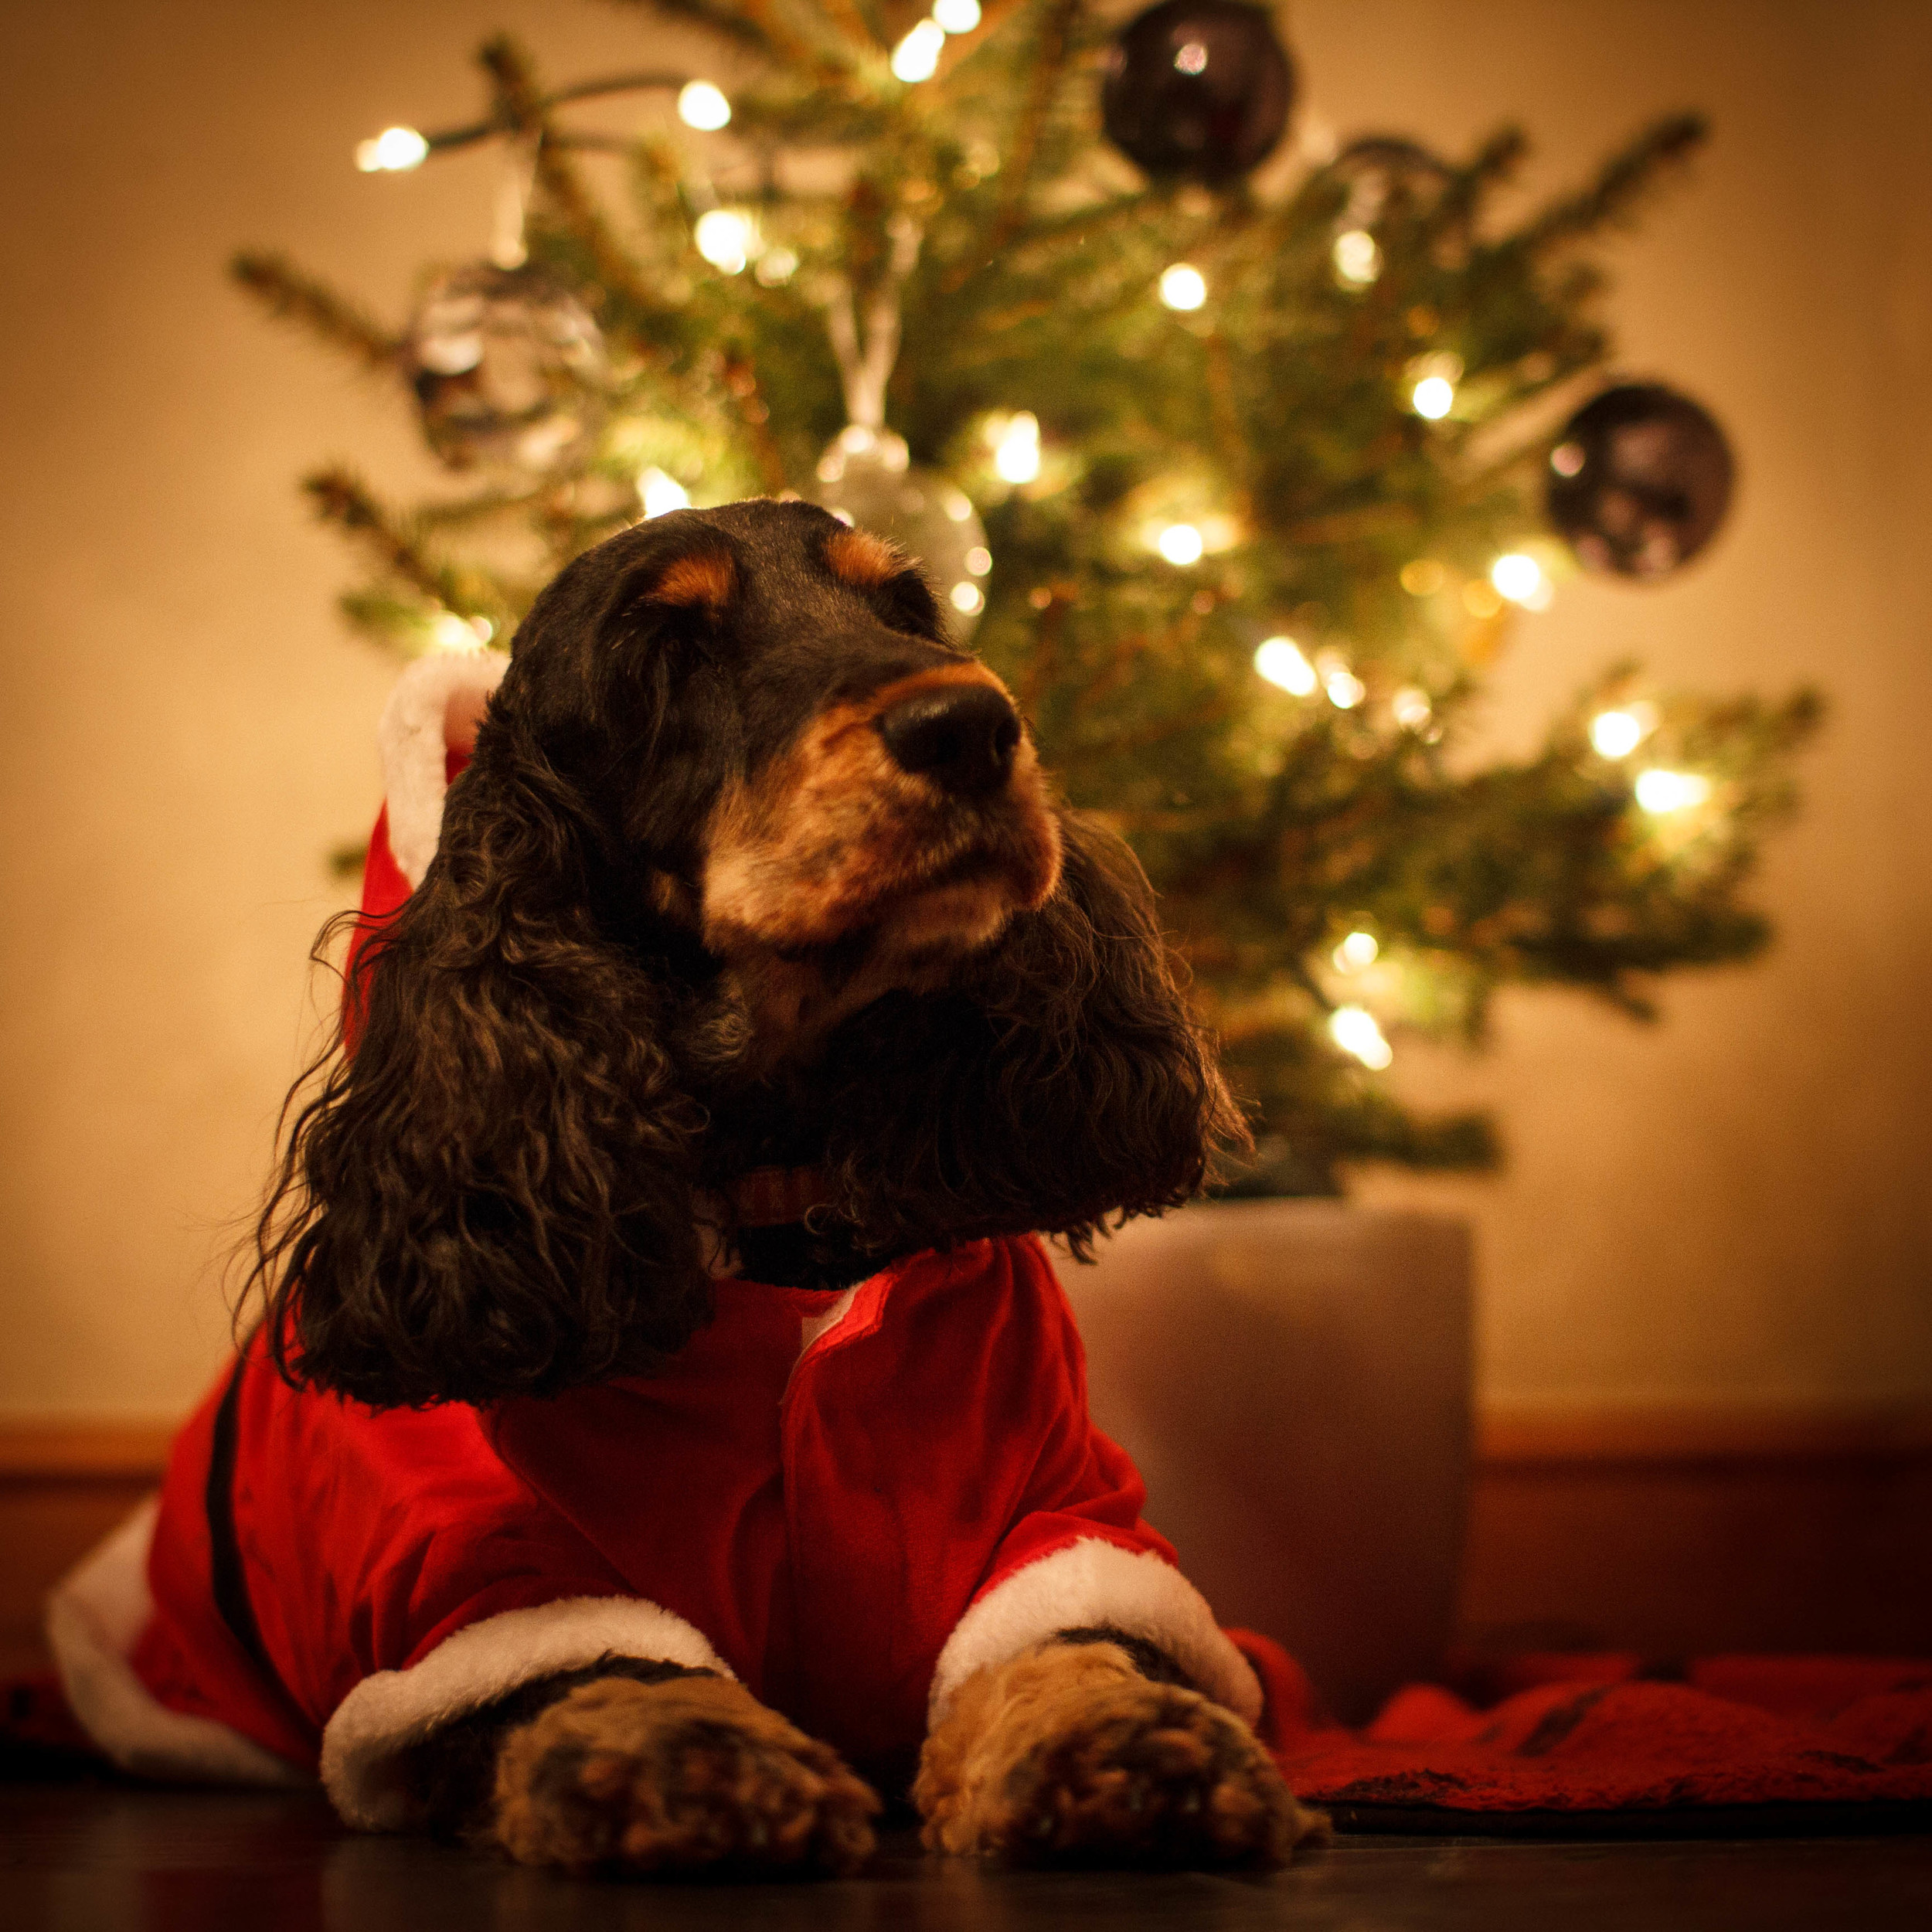 tailchaserschristmas.jpg